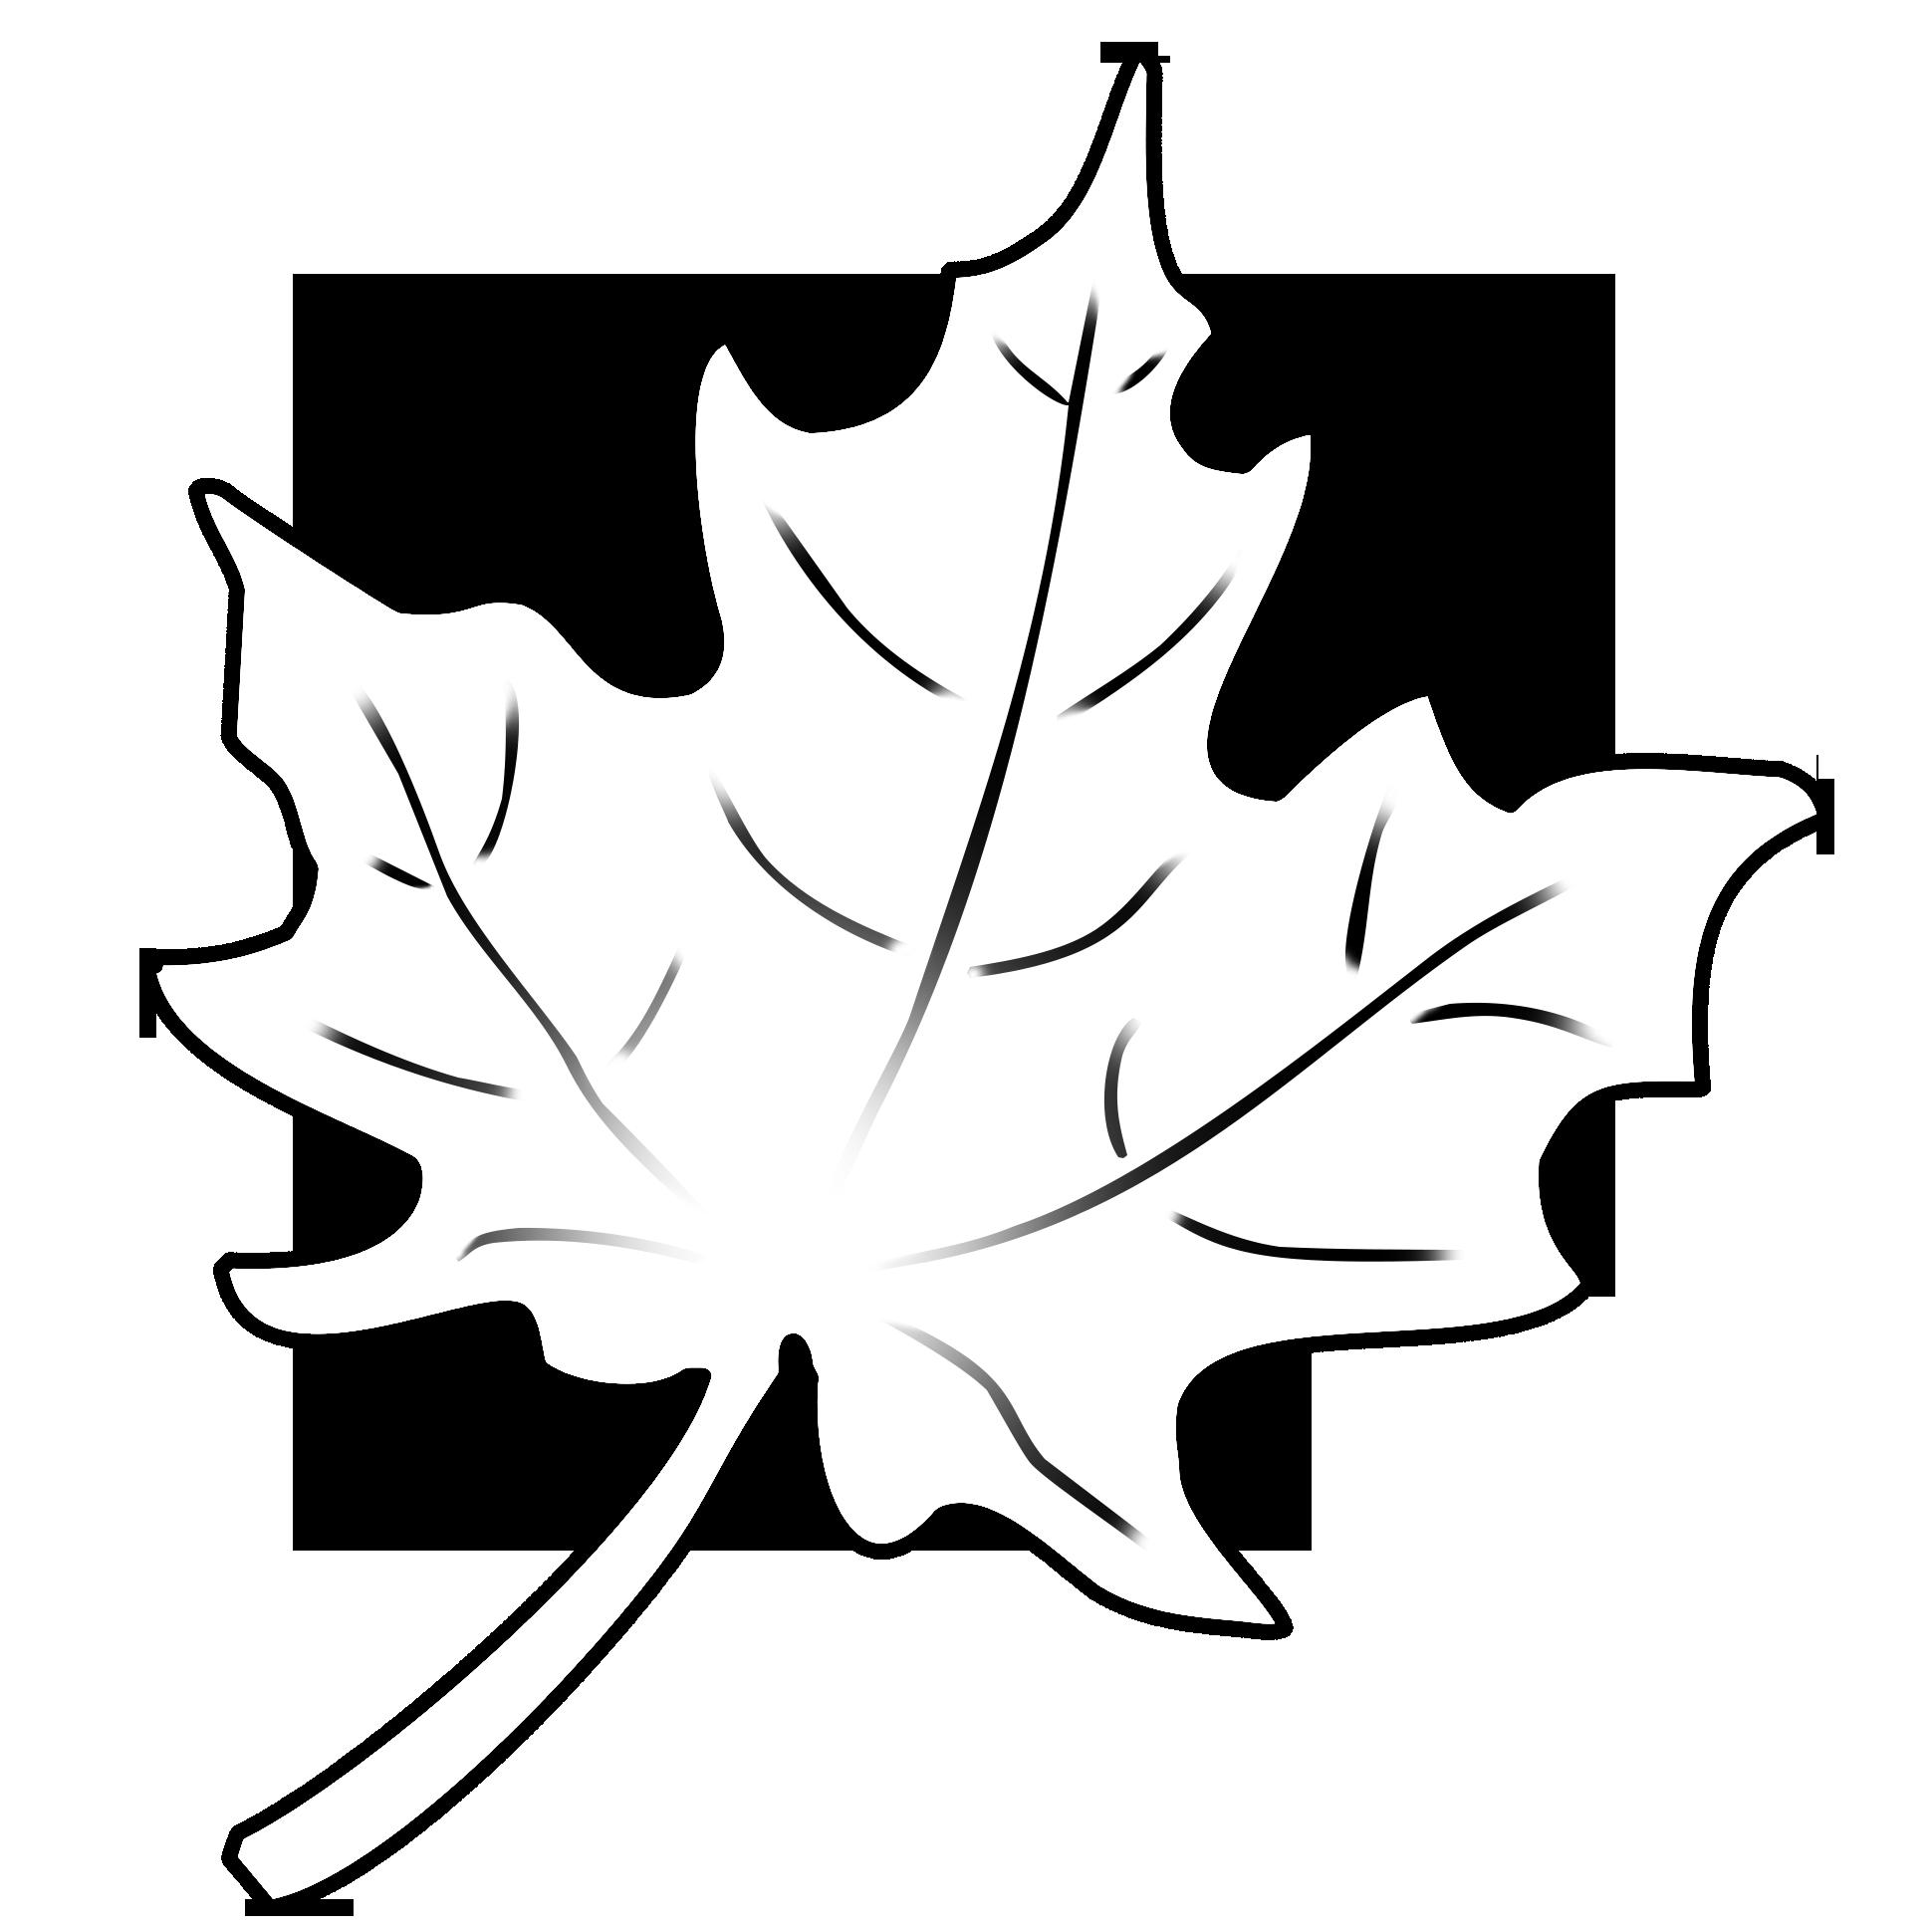 Herbstblaetter Vorlagen 2 Ausmalbilder Vorlagen Vorlagen